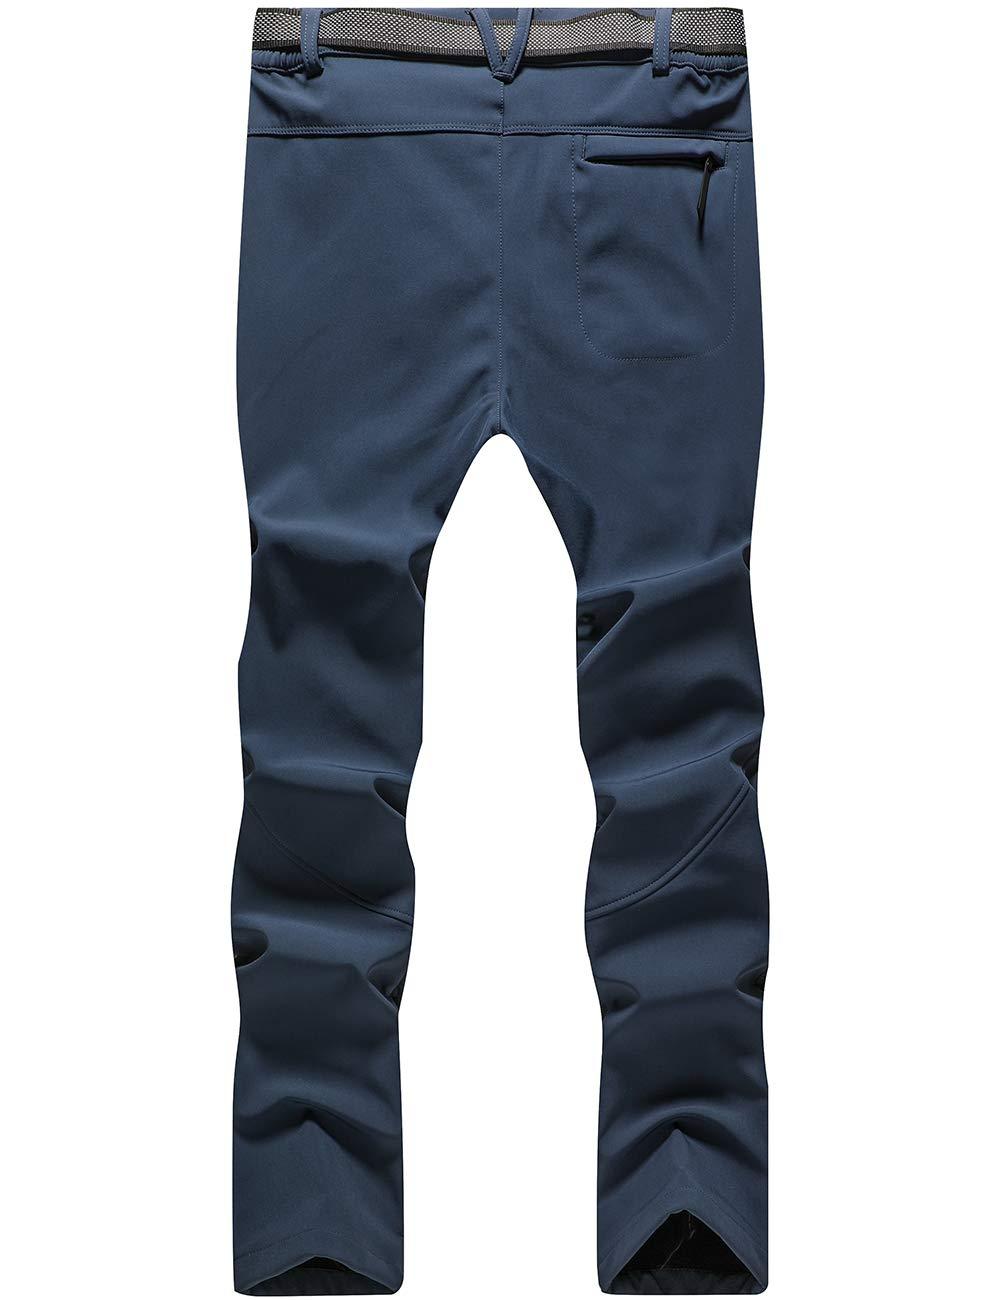 DENGBOSN Femme Pantalon Softshell Imperm/éable Pantalon Randonn/ée Thermique /Étanche Coupe-Vent Hiver Automne Pantalon de Montagne Escalade Ski